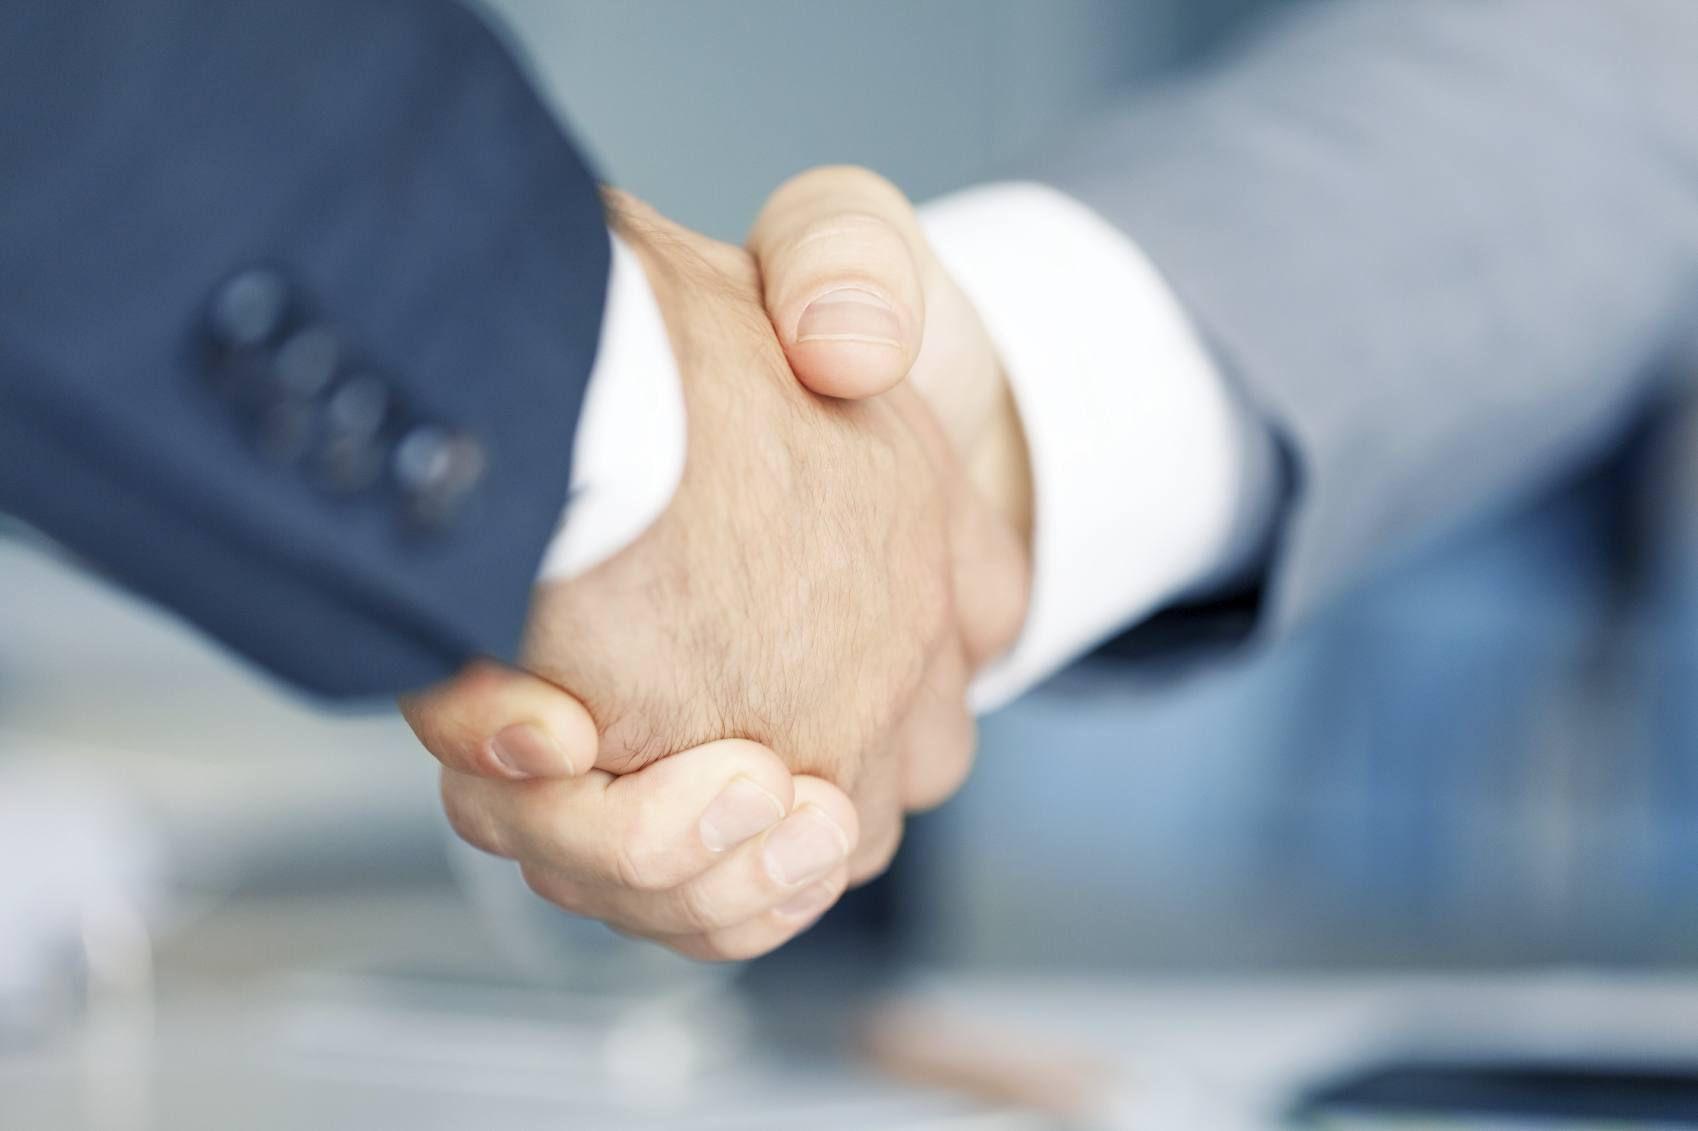 شروط مهم برای تمدید فعالیت کارکنان قراردادی